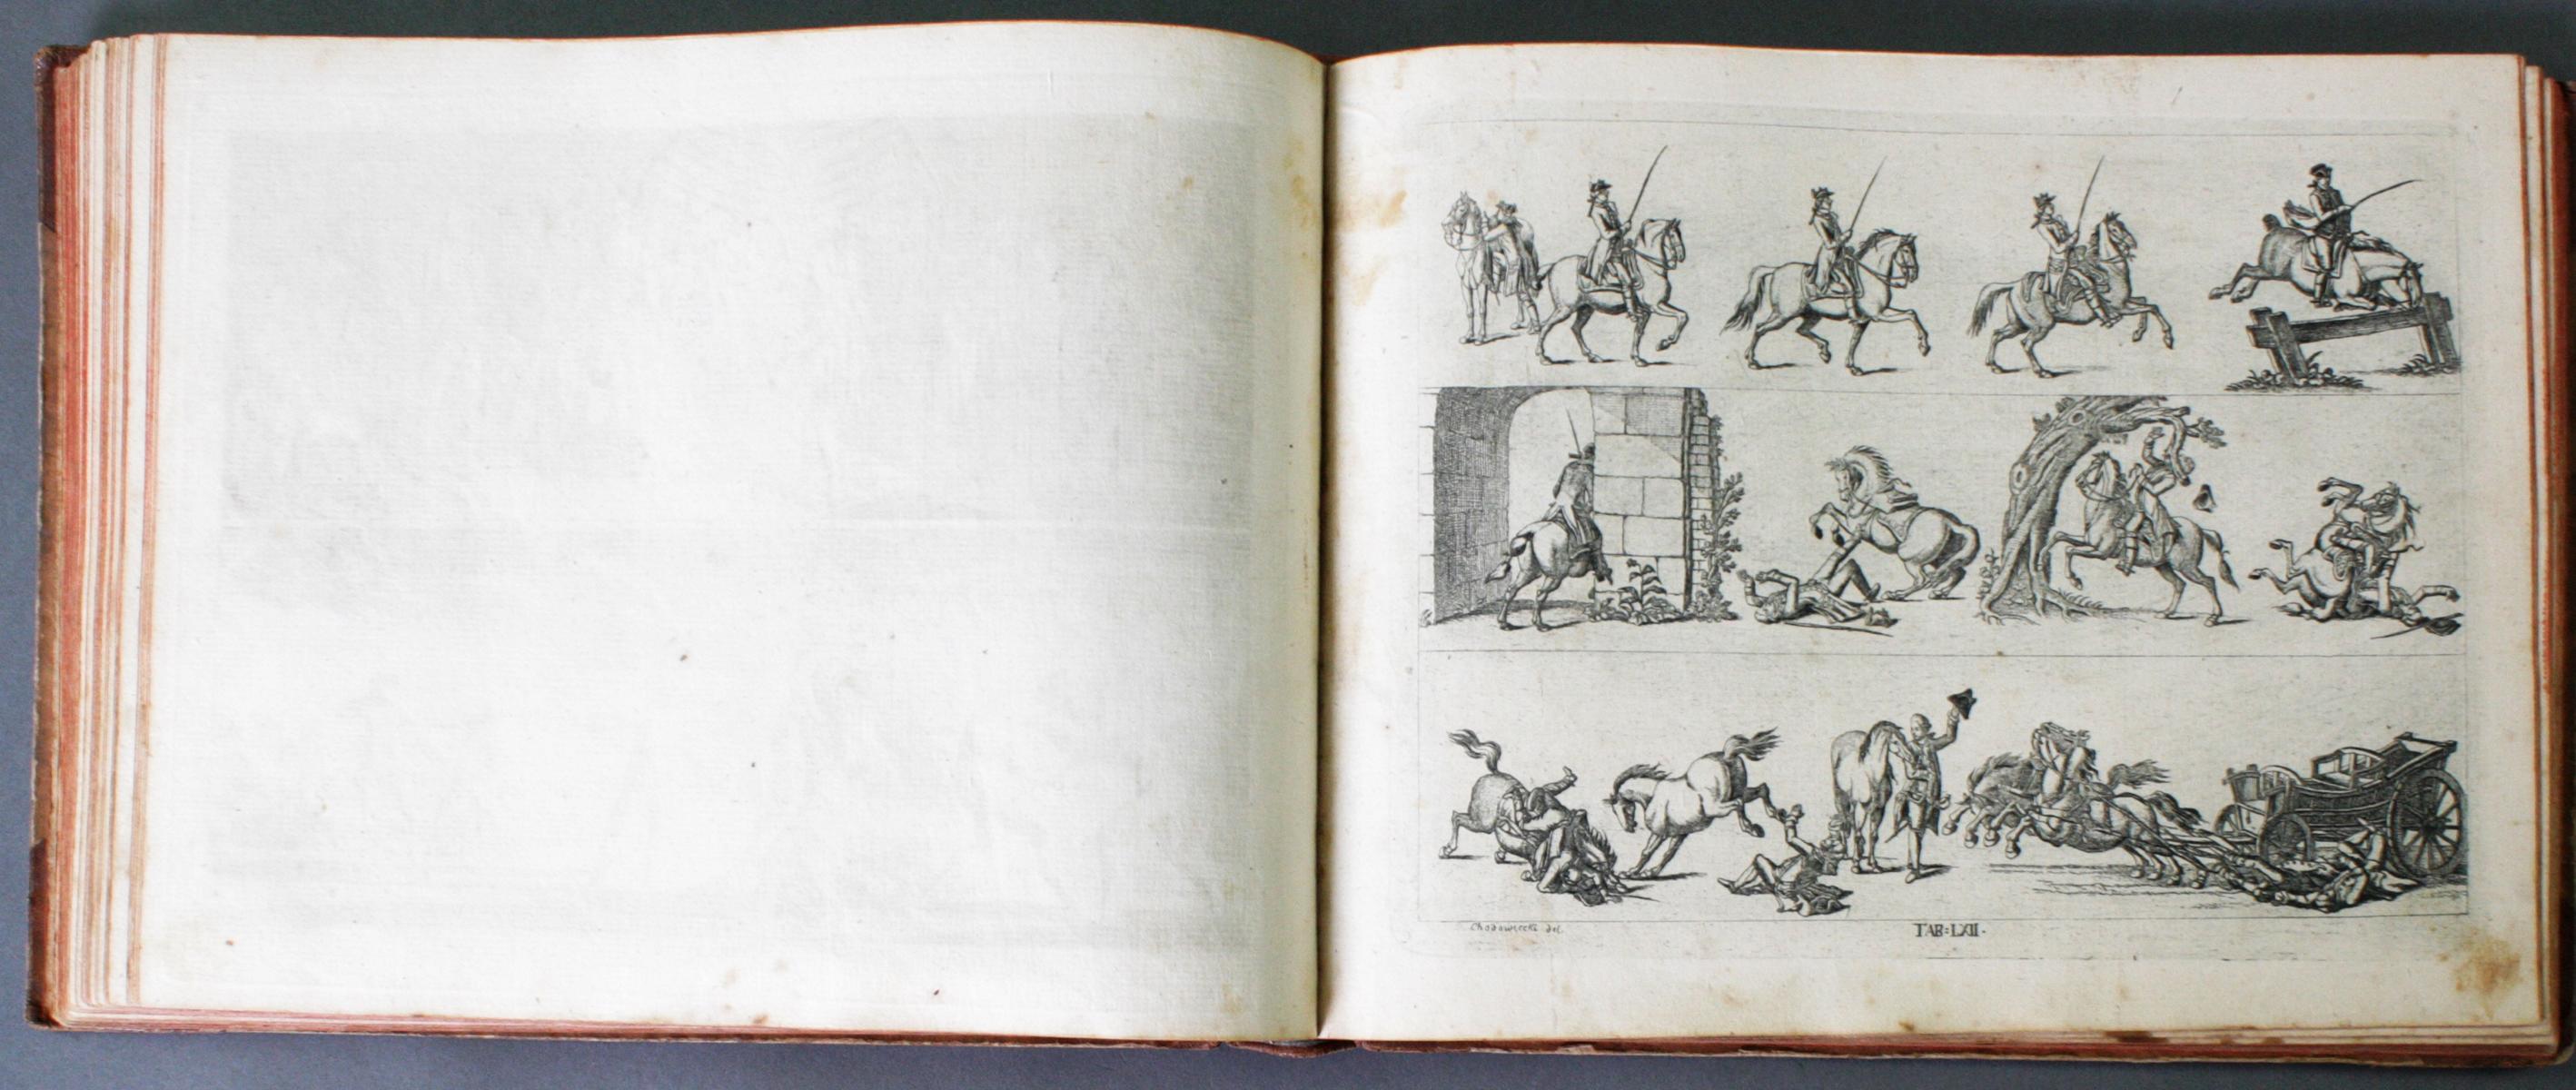 Johann Bernhard Basedow, Kupfersammlung zum Elementarwerk, 1774-9